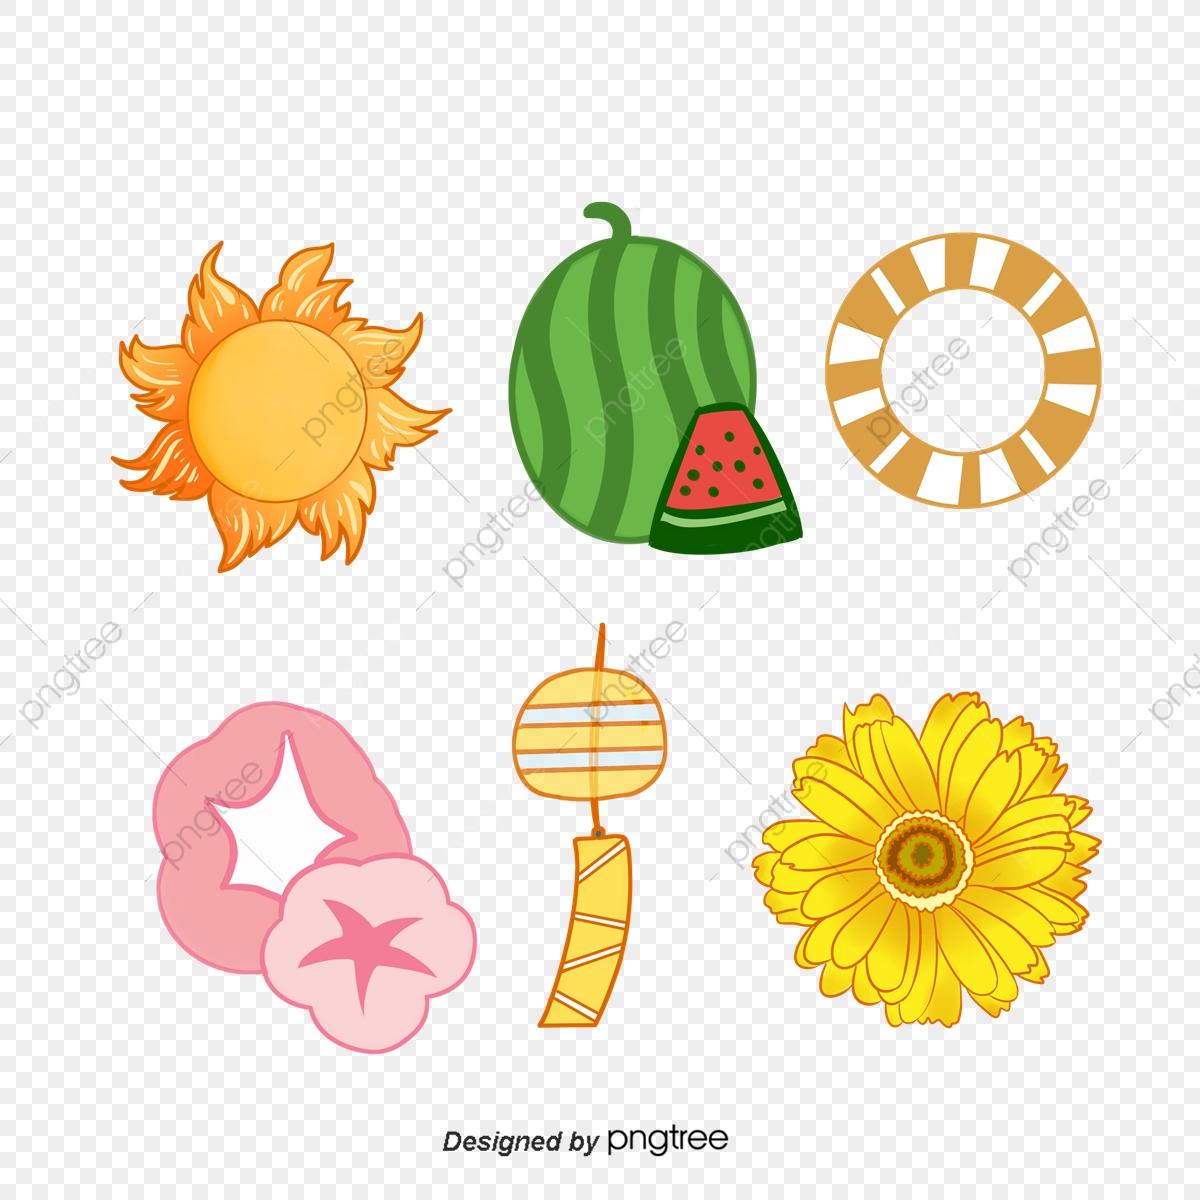 Assemblage sunflower sunlight png. Clipart summer element